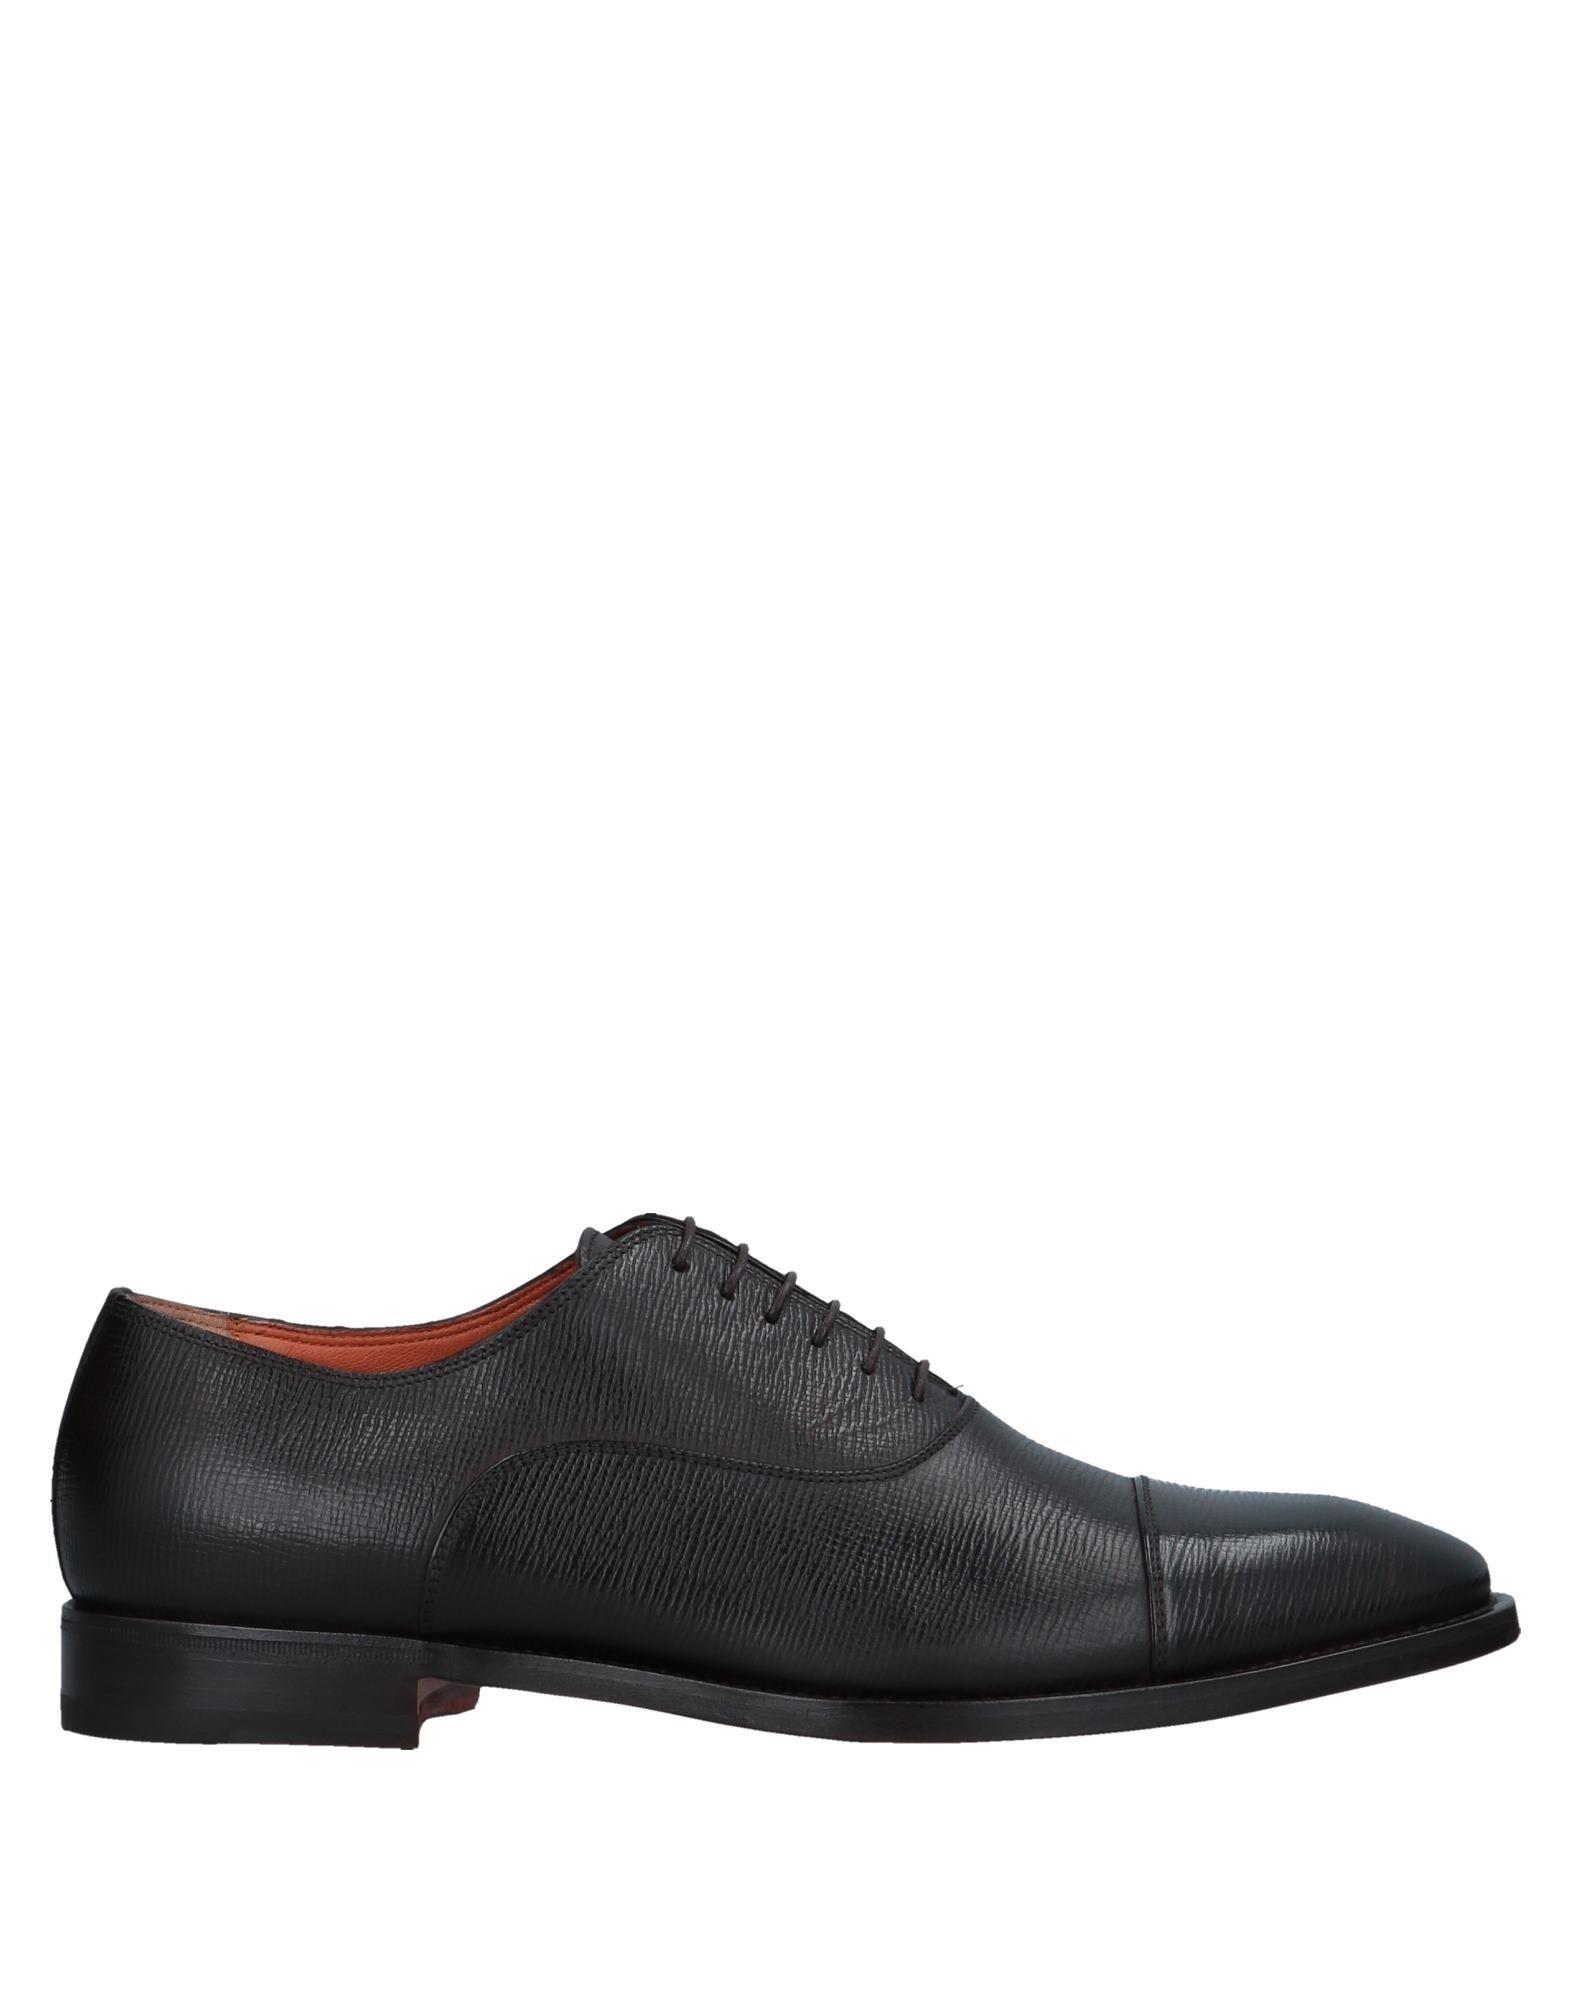 Sneakers Axel Donna - 11491073WU Scarpe economiche e buone